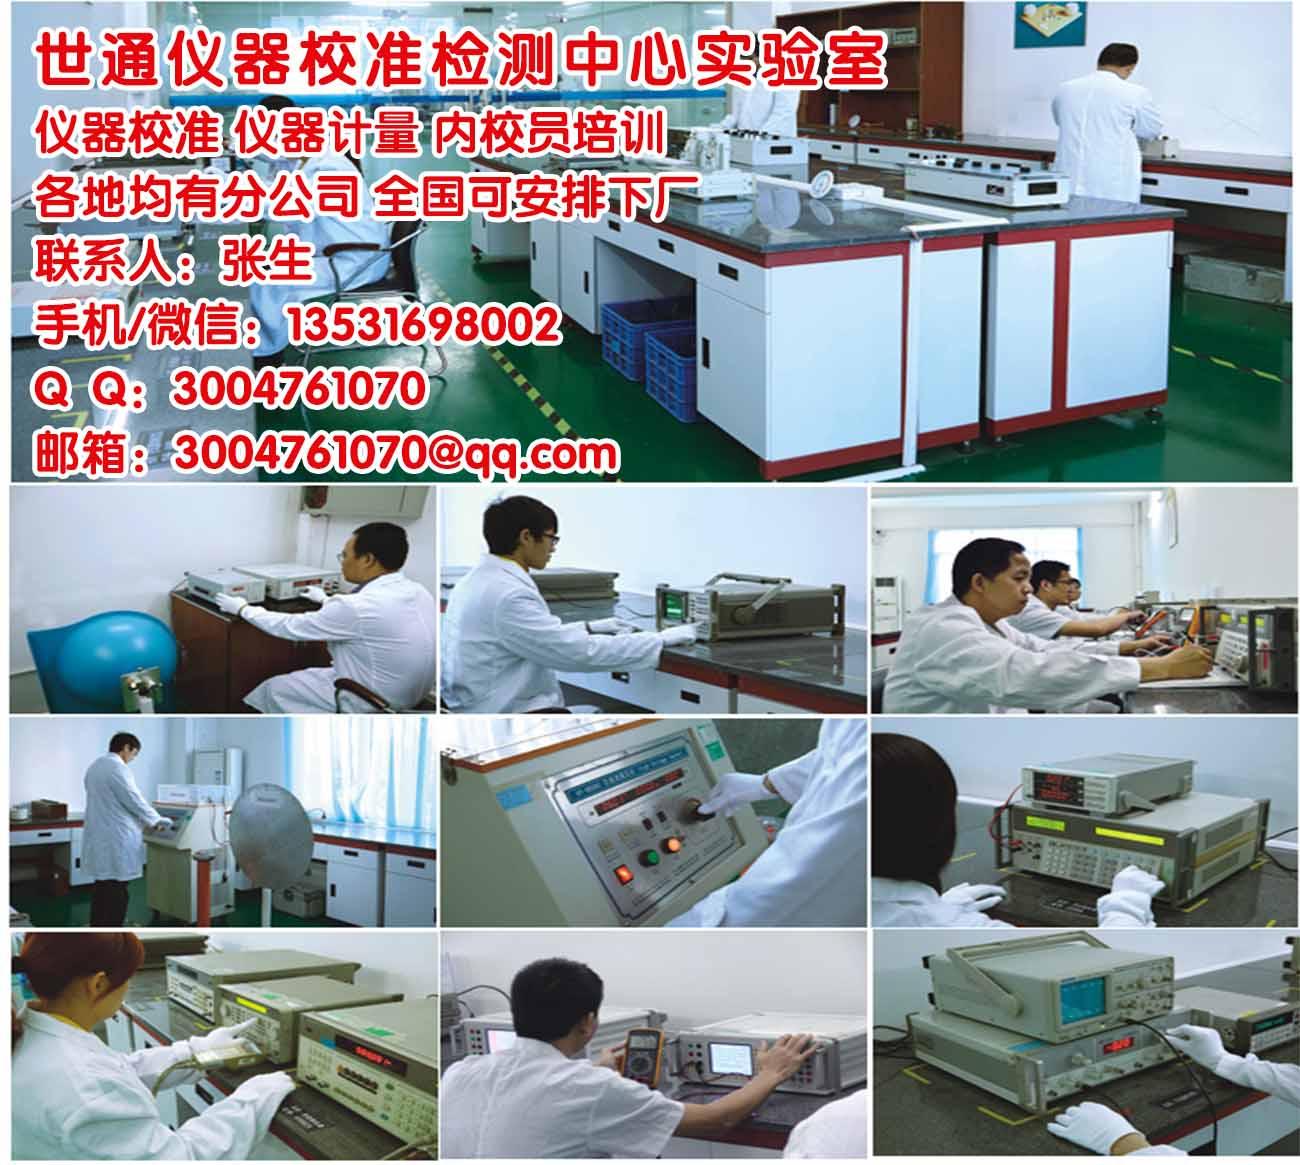 丽水仪器校准报告堂堂正正_提供下厂优质服务